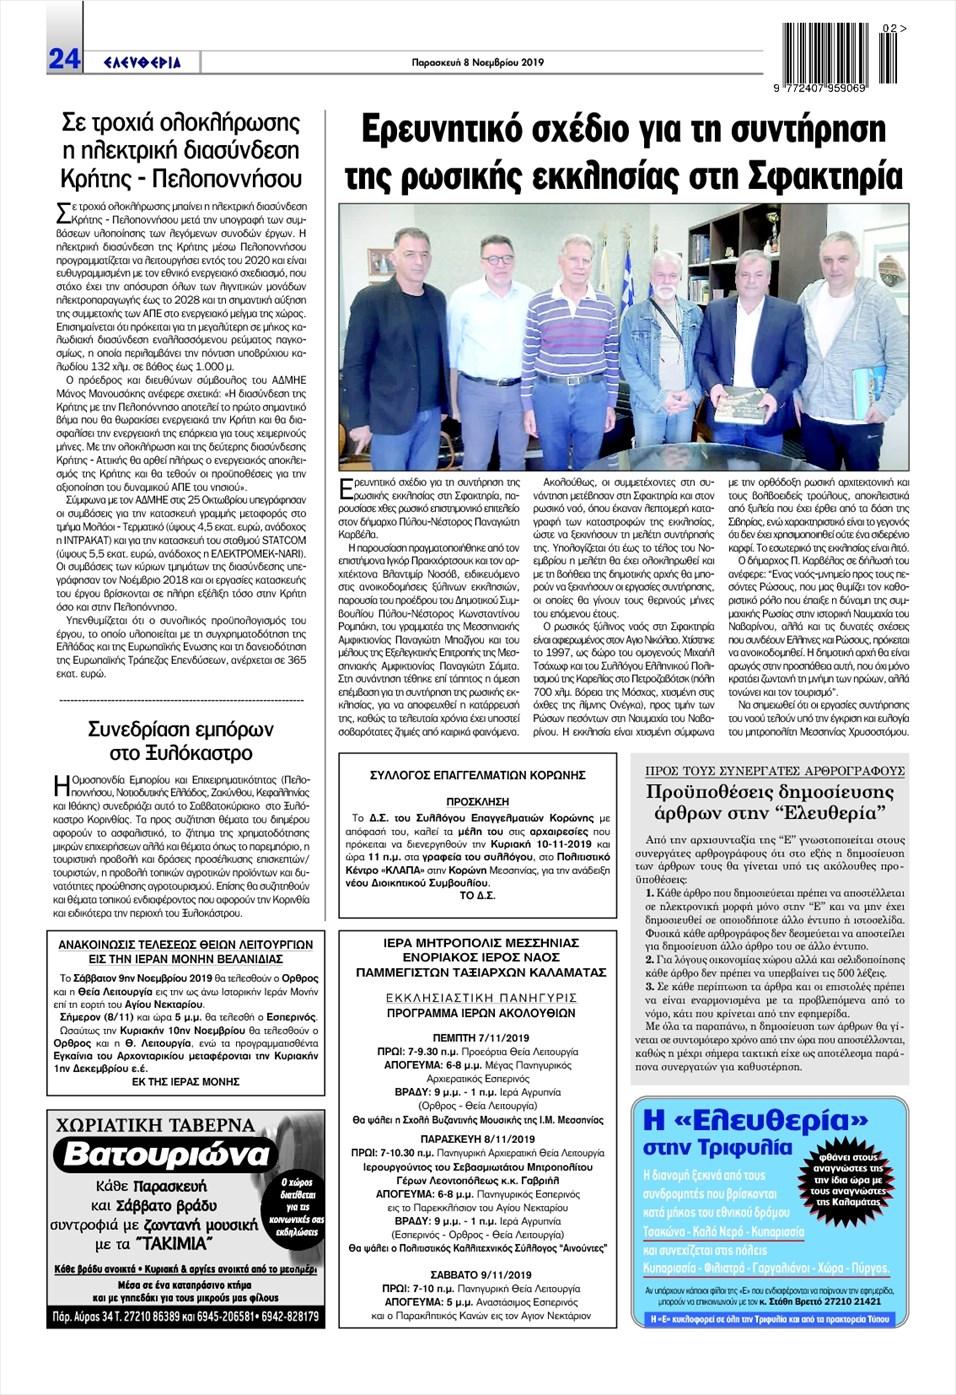 Οπισθόφυλλο εφημερίδας Ελευθερία Καλ.